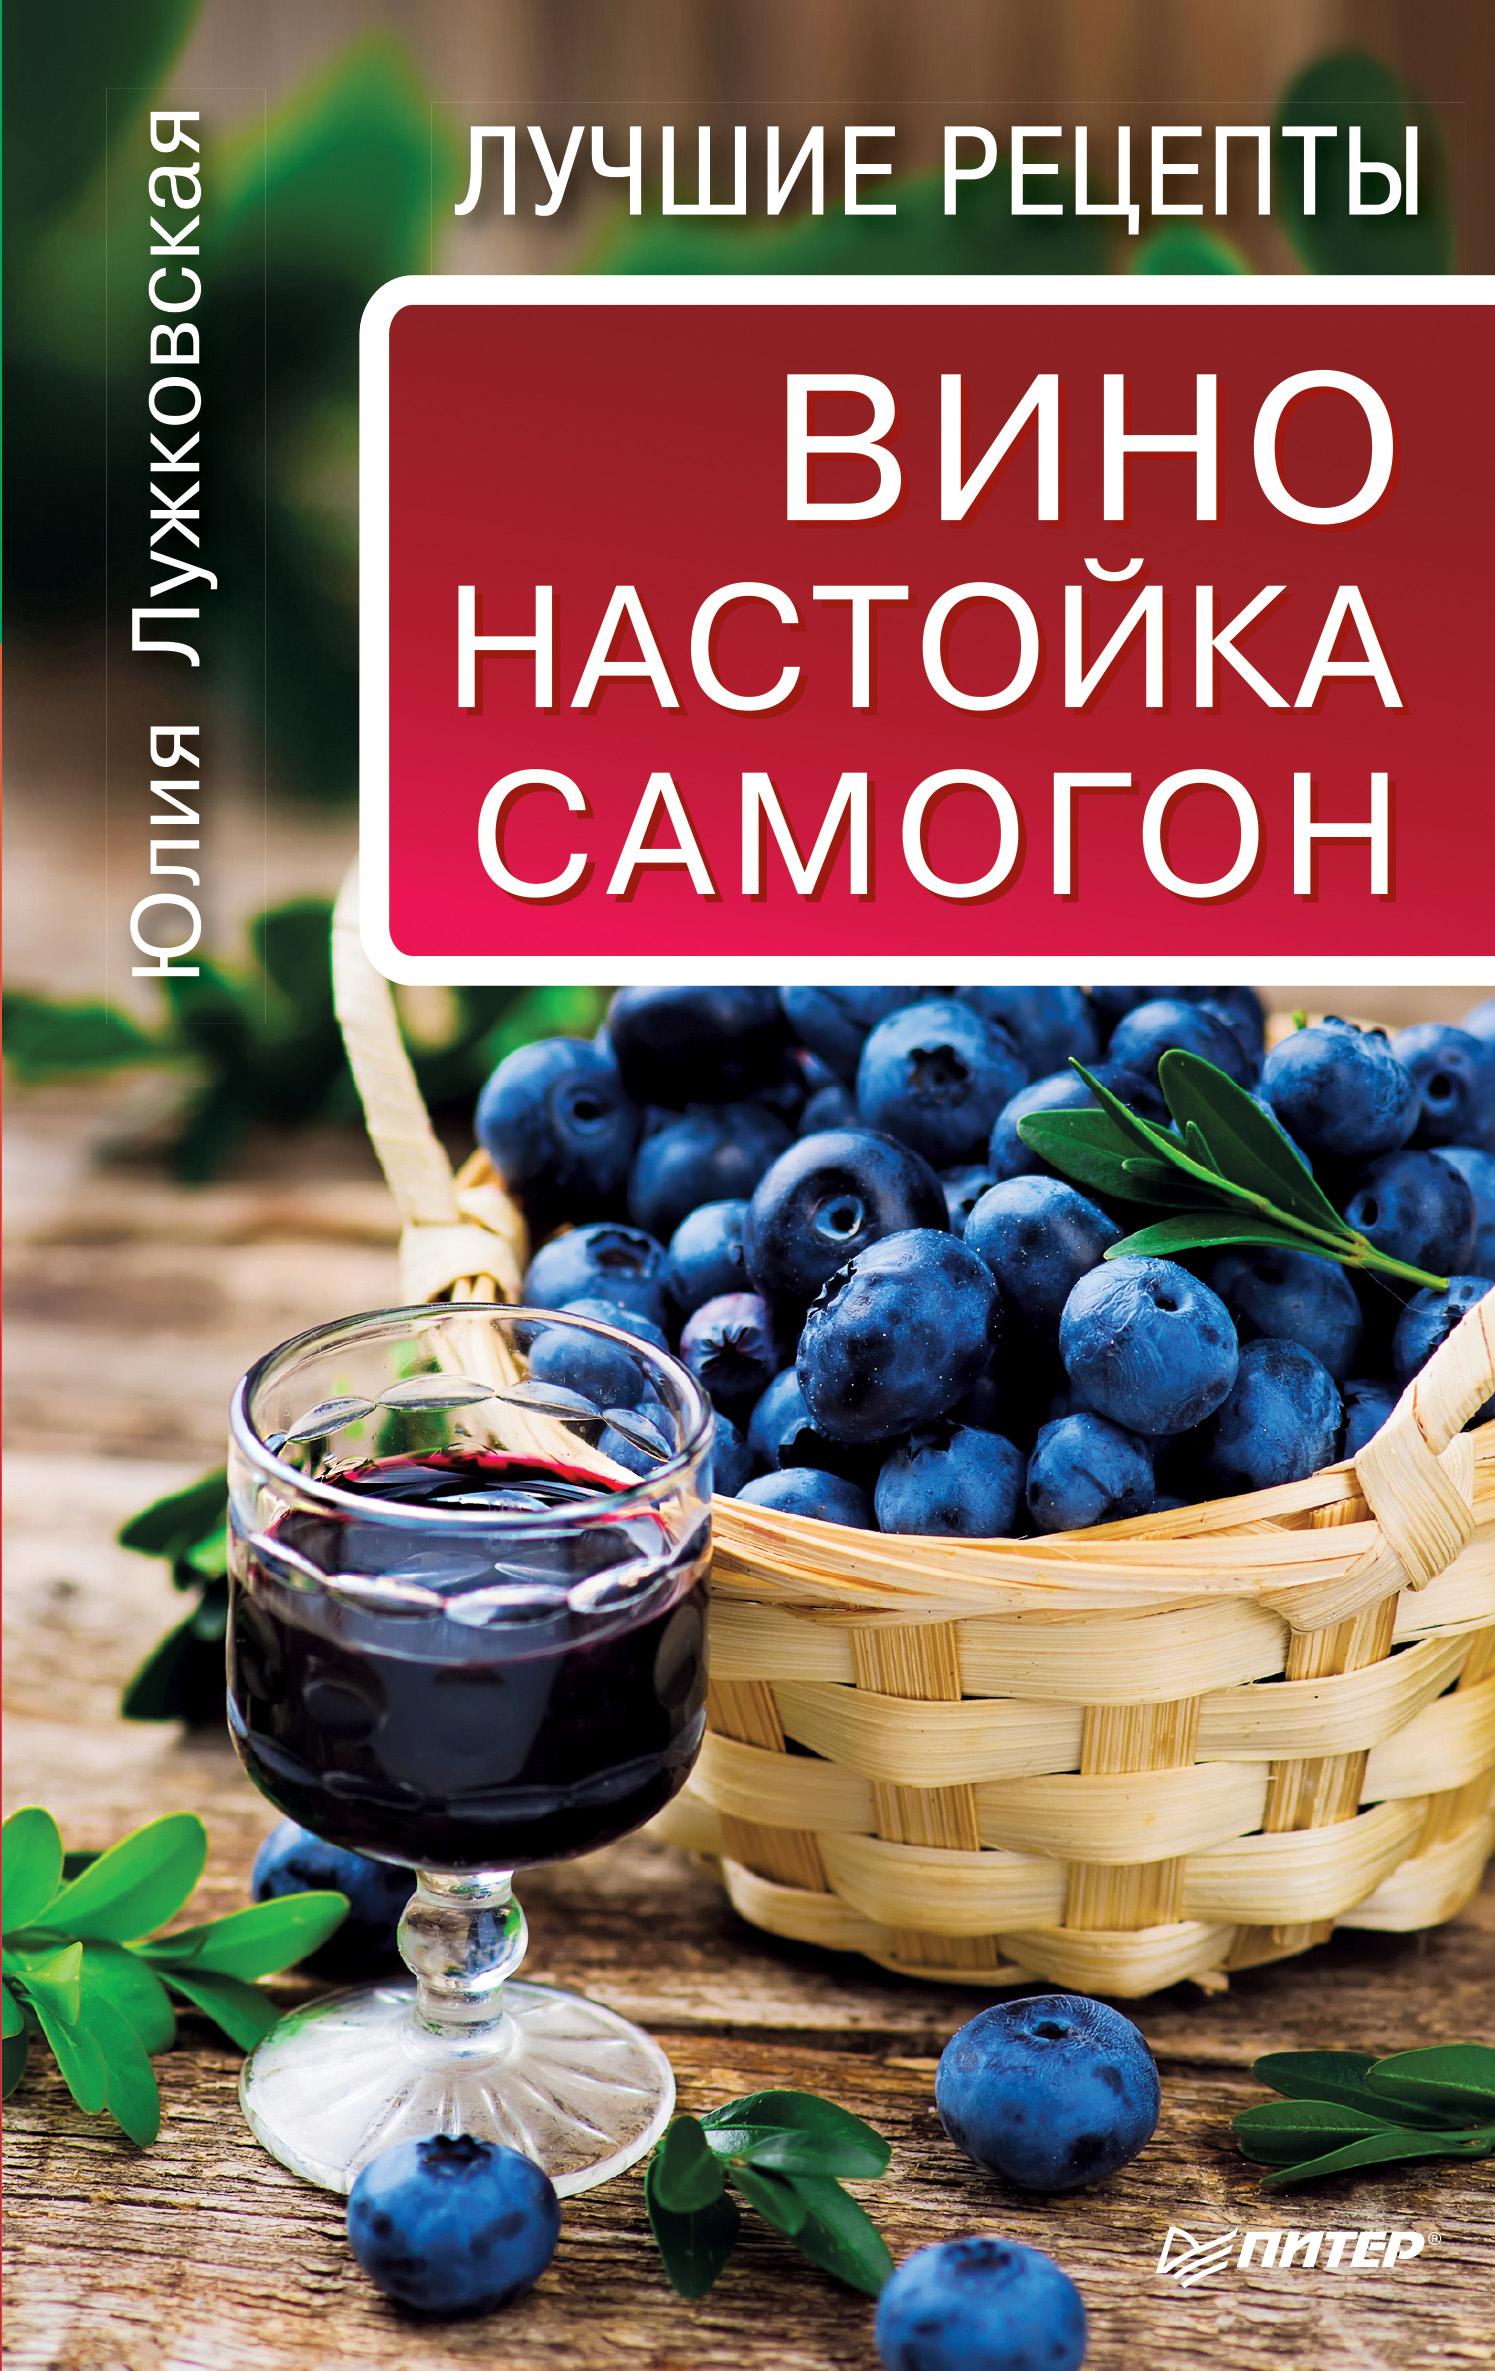 Вино, настойка, самогон. Лучшие рецепты